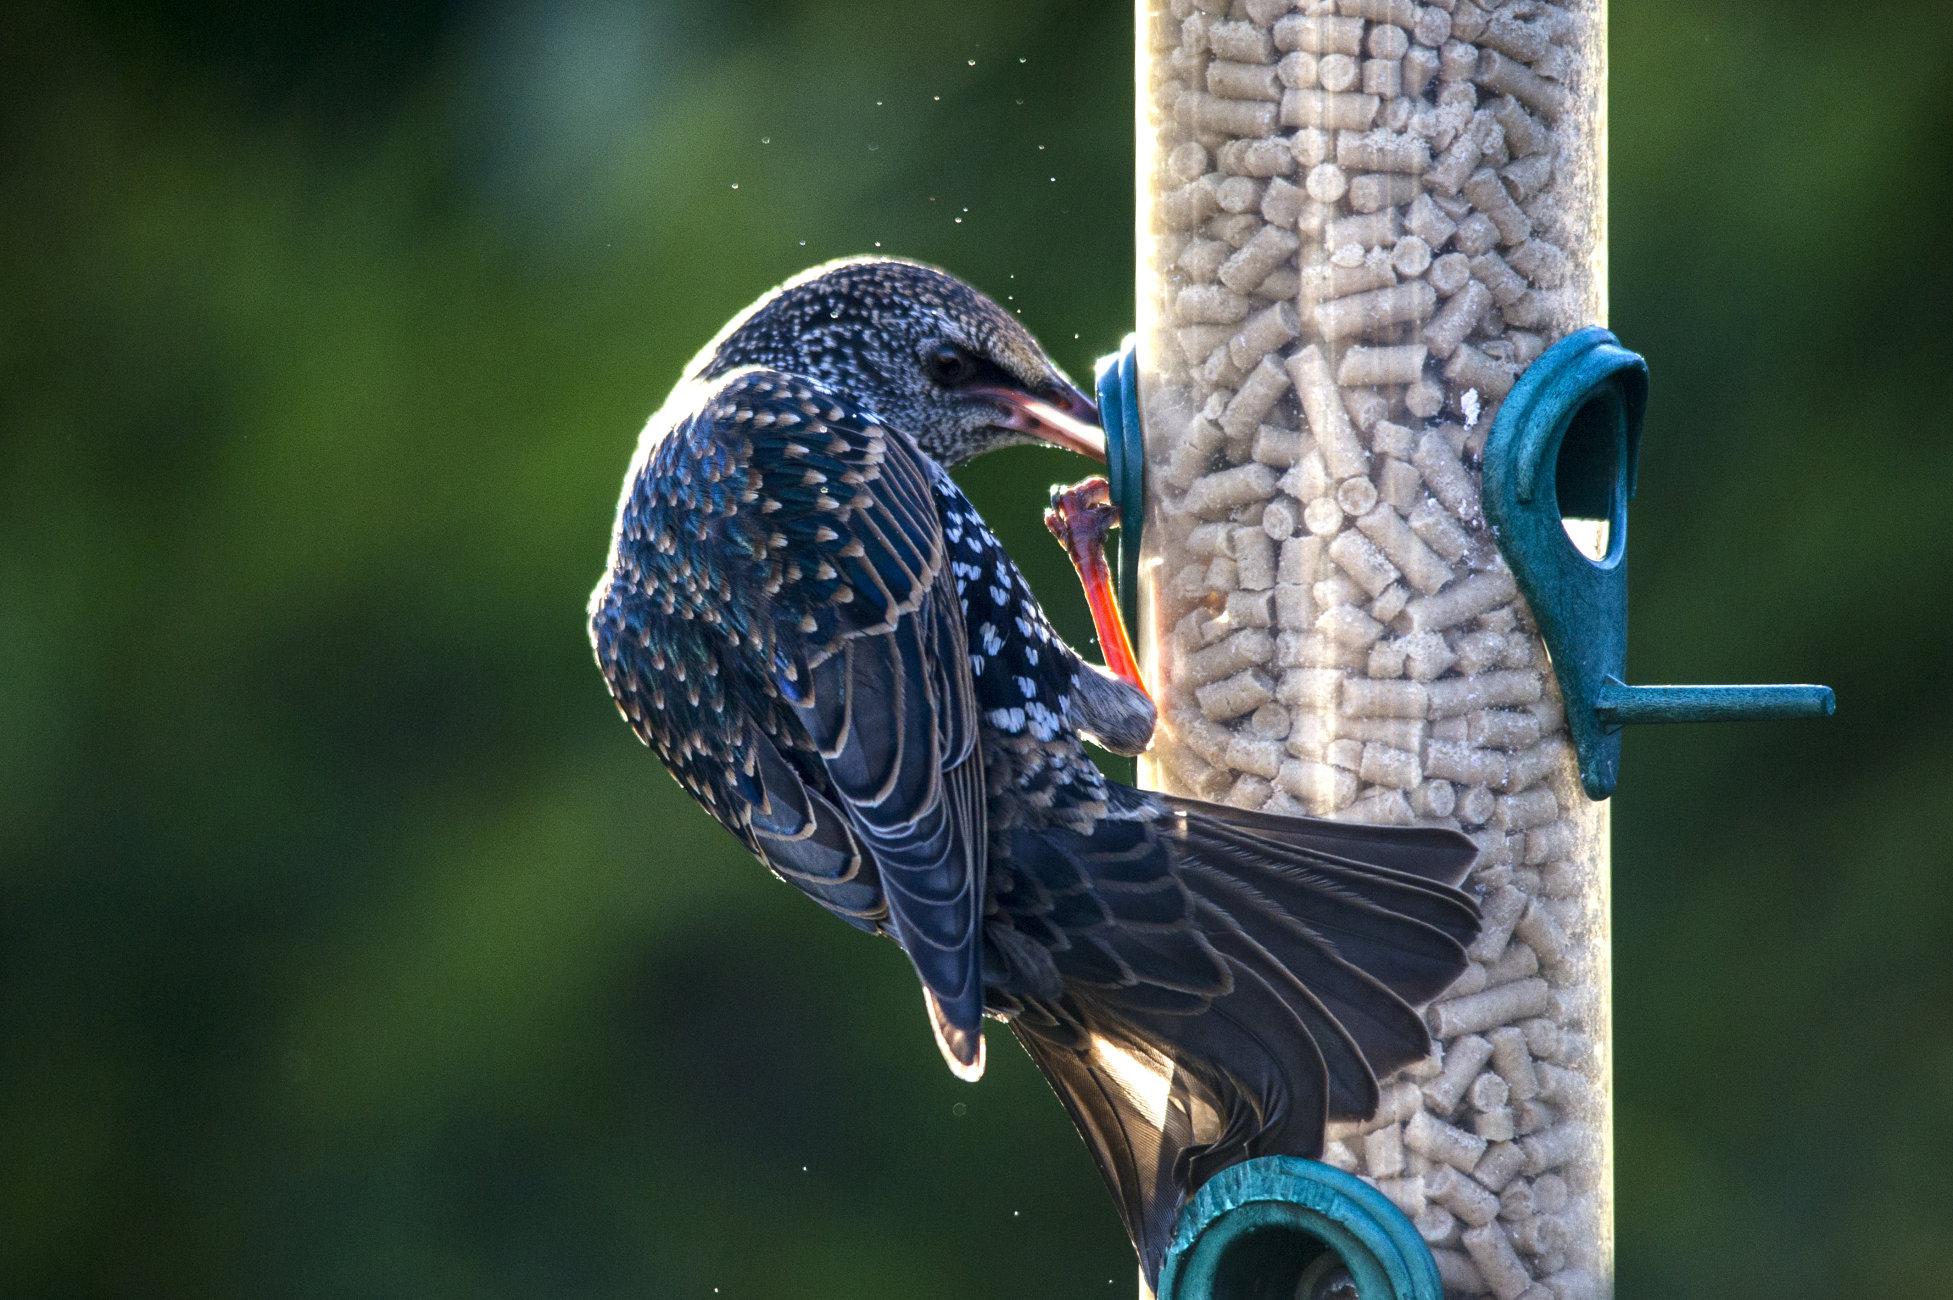 Greedy Starling